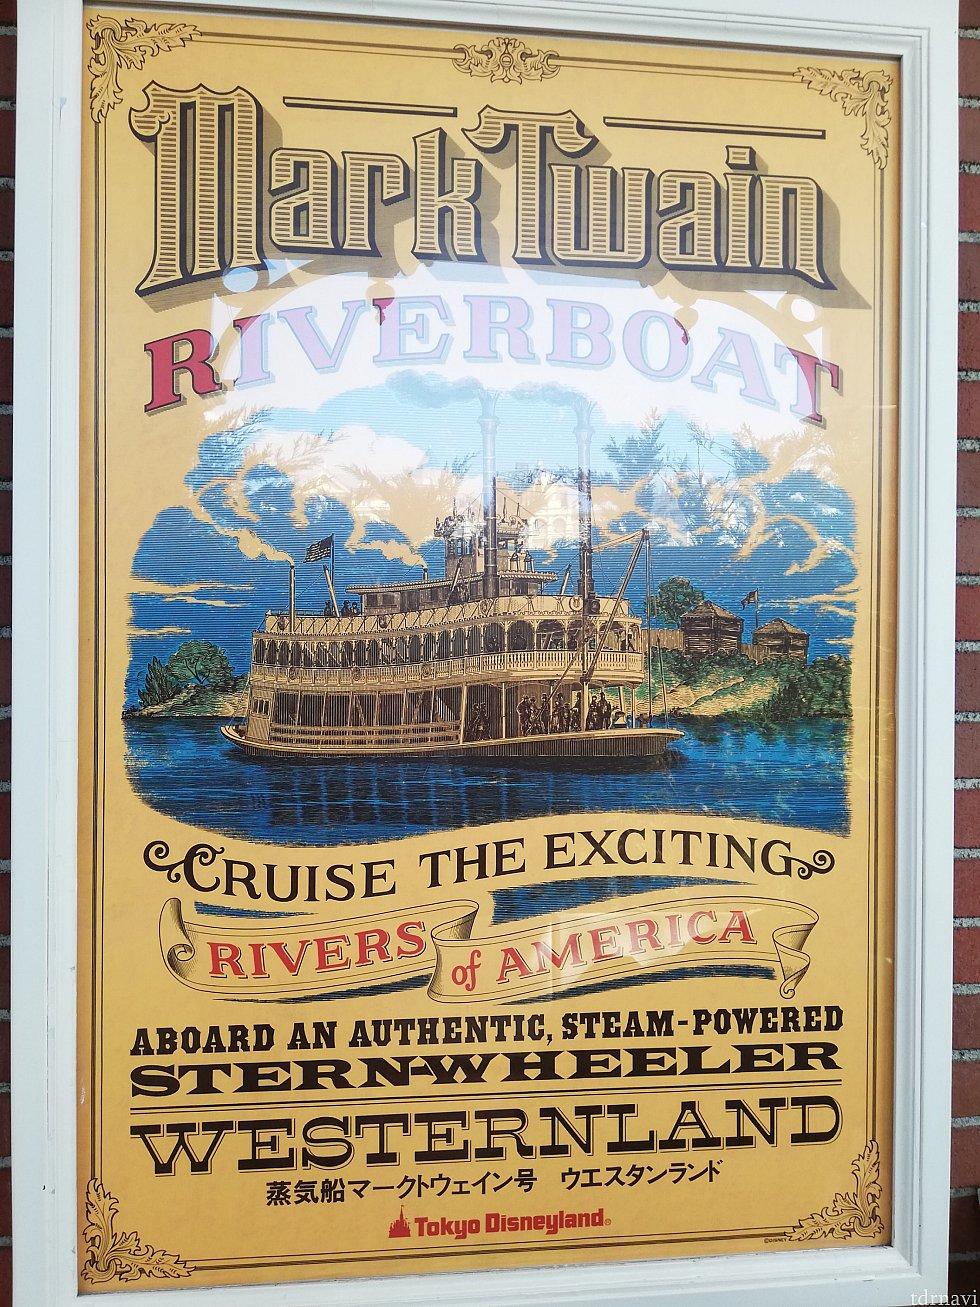 ワールドバザールに飾られている蒸気船マークトウェイン号のアトラクションポスター。